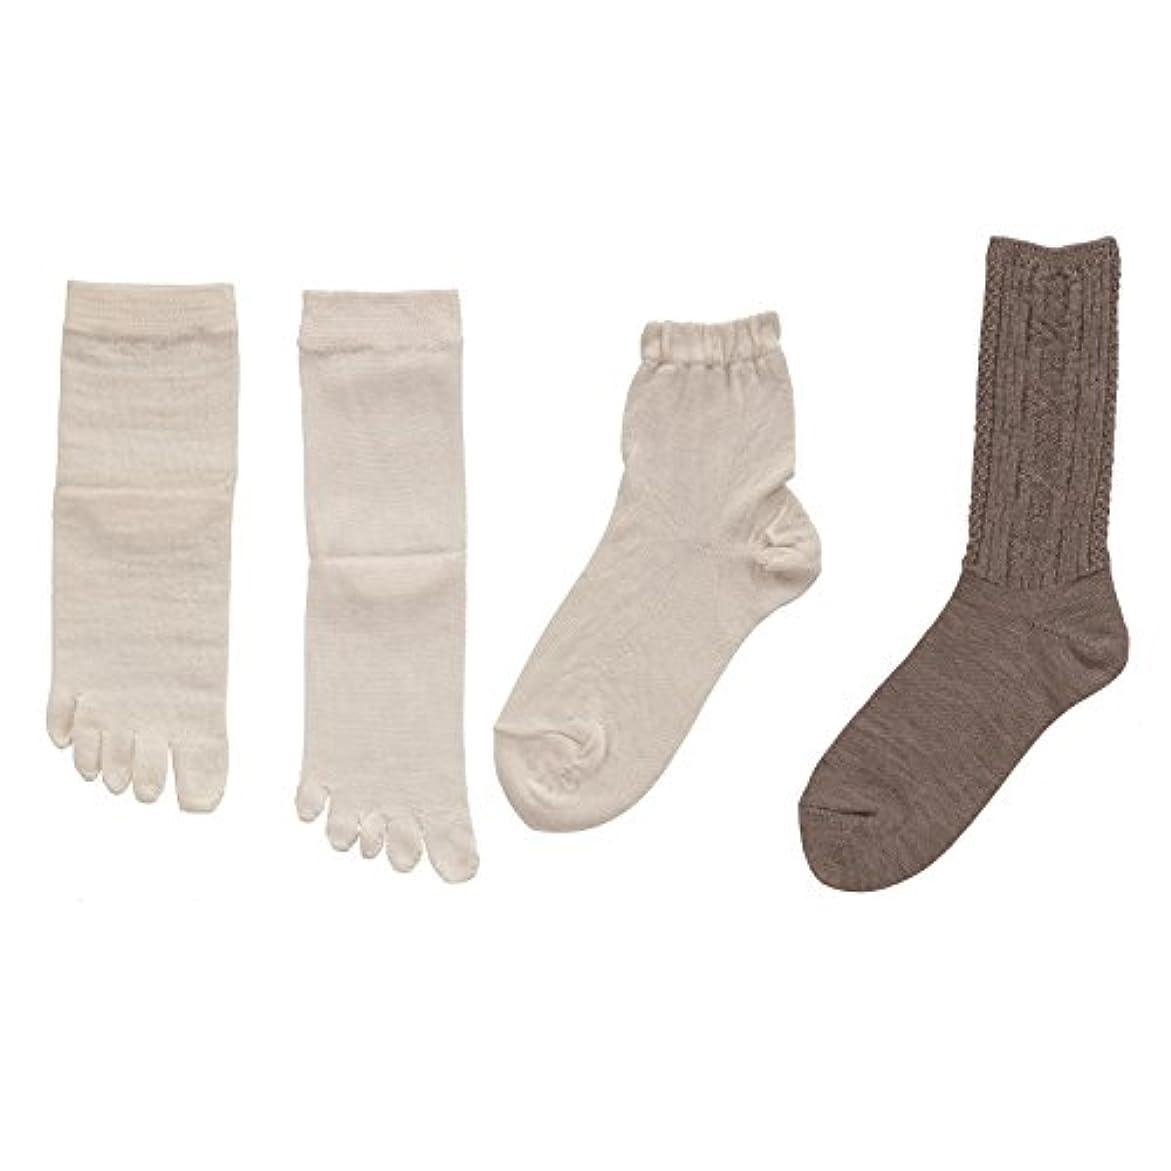 ワイド質量計算する砂山靴下 TUMUGI 絹と毛の4枚重ね履き靴下 グレー